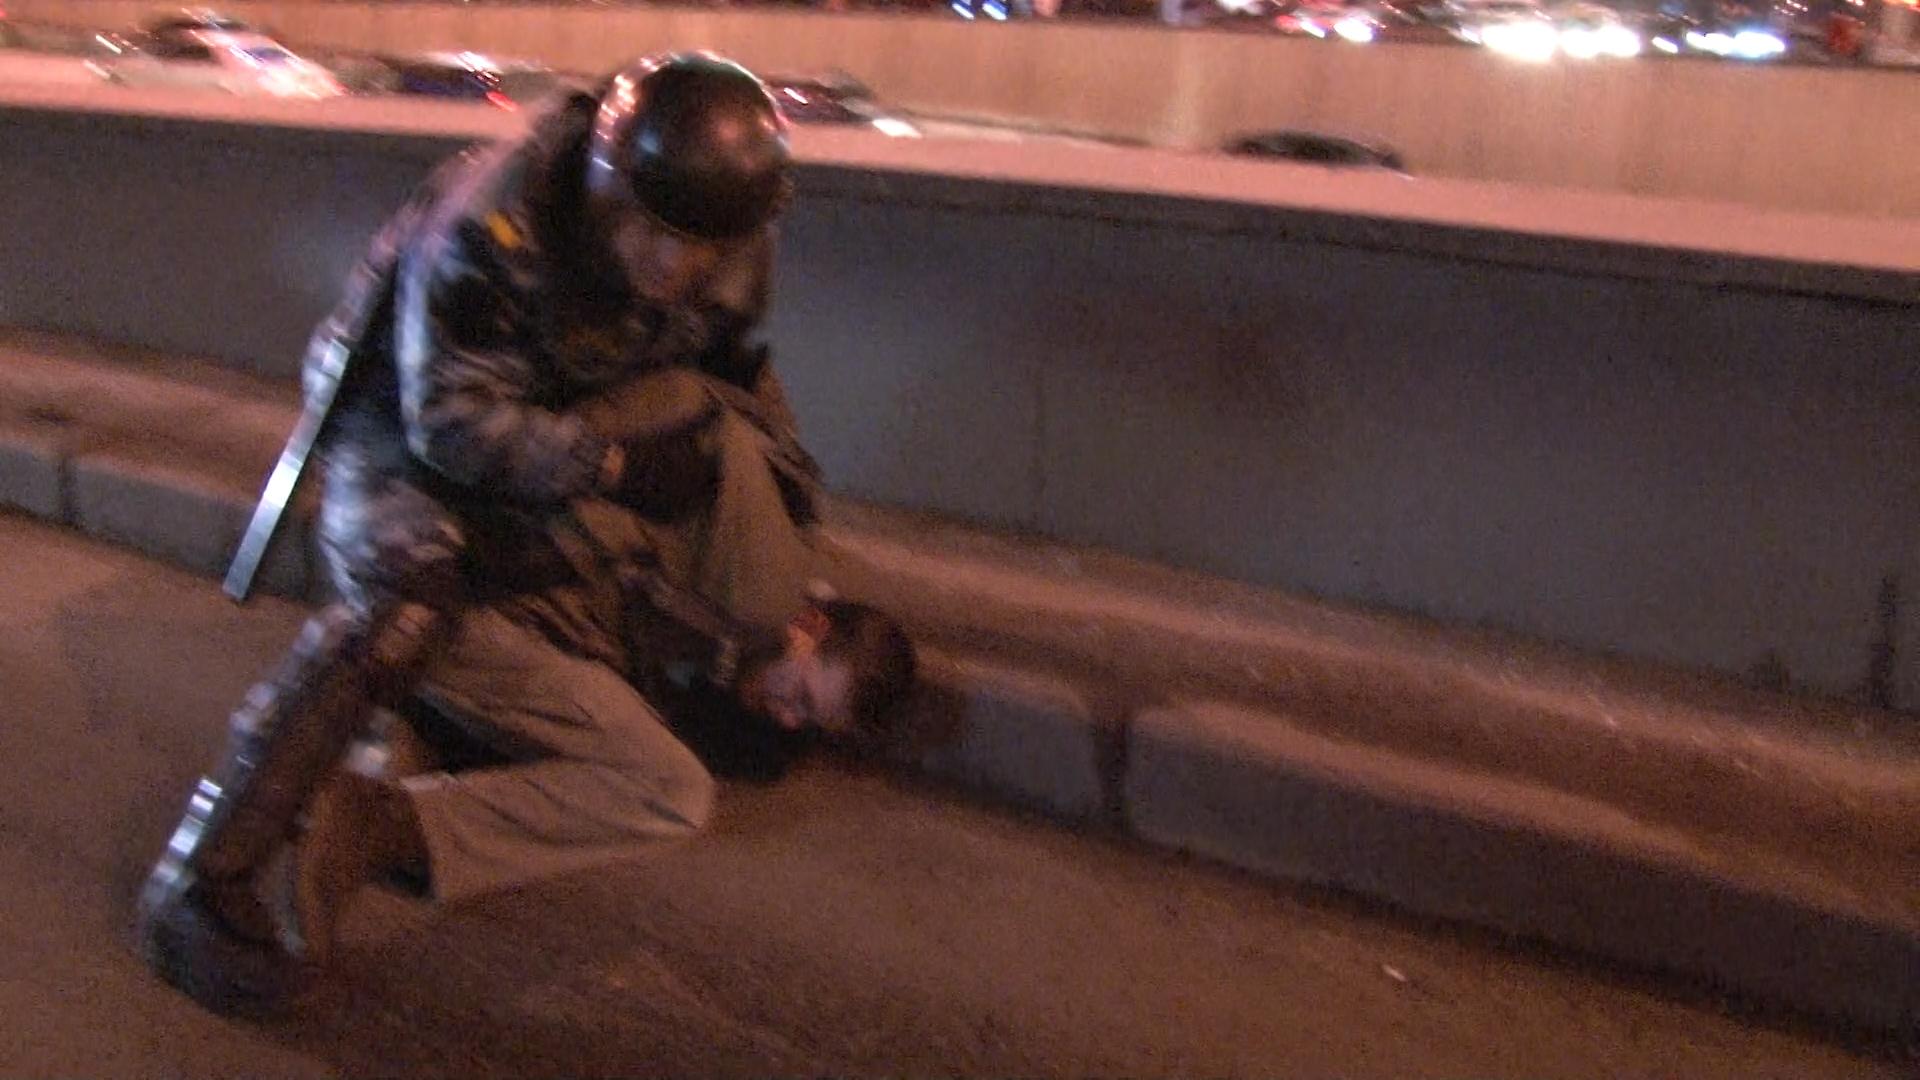 Съемочная группа Kreml.tv приняла участие в задержании  оппозиционеров